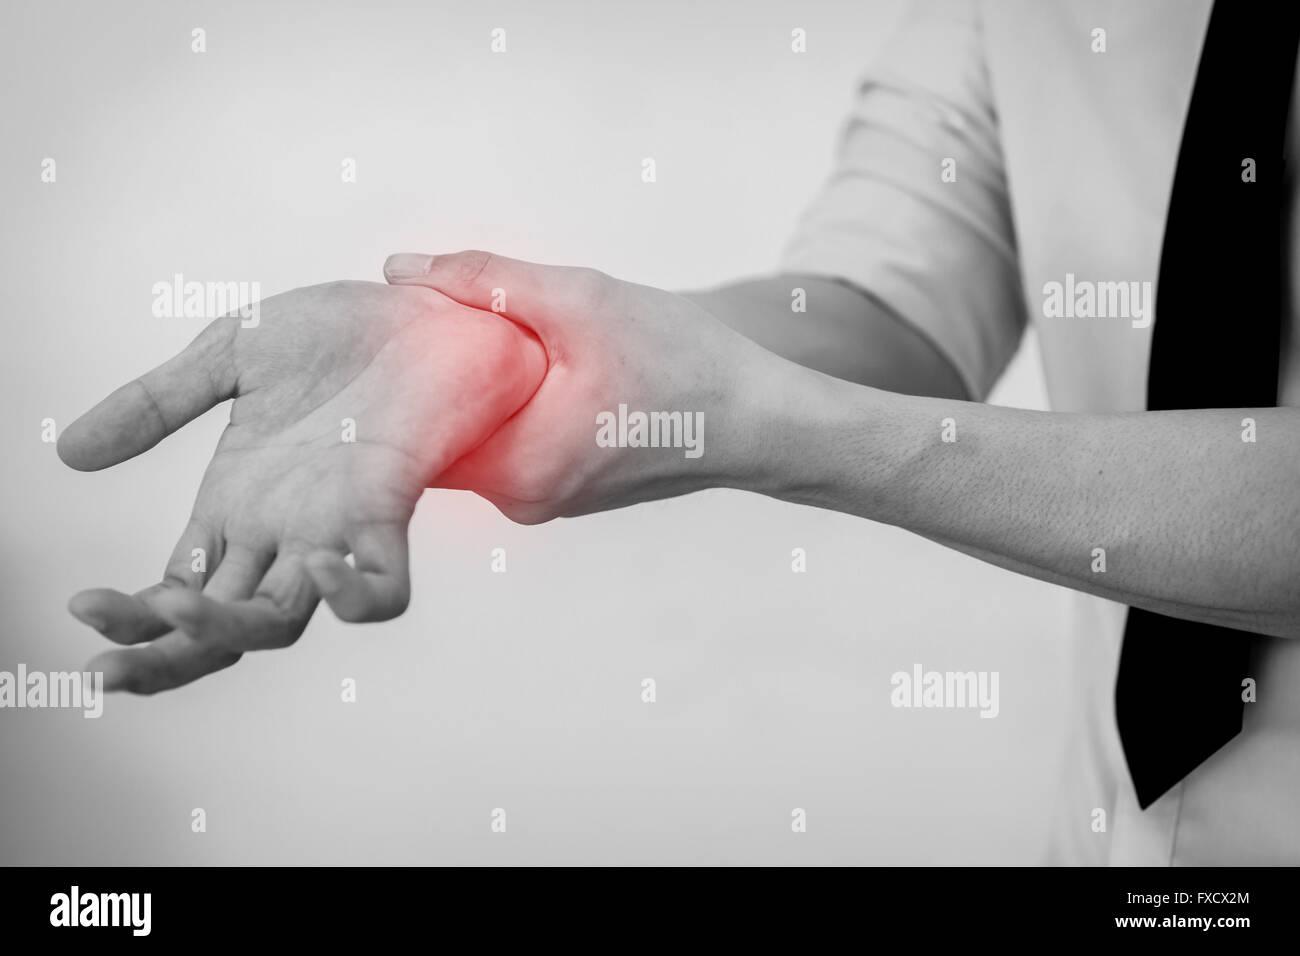 Büro-Mann berühren schmerzhafte Handgelenk. Schmerzen im Handgelenk ein Mann. Stockbild